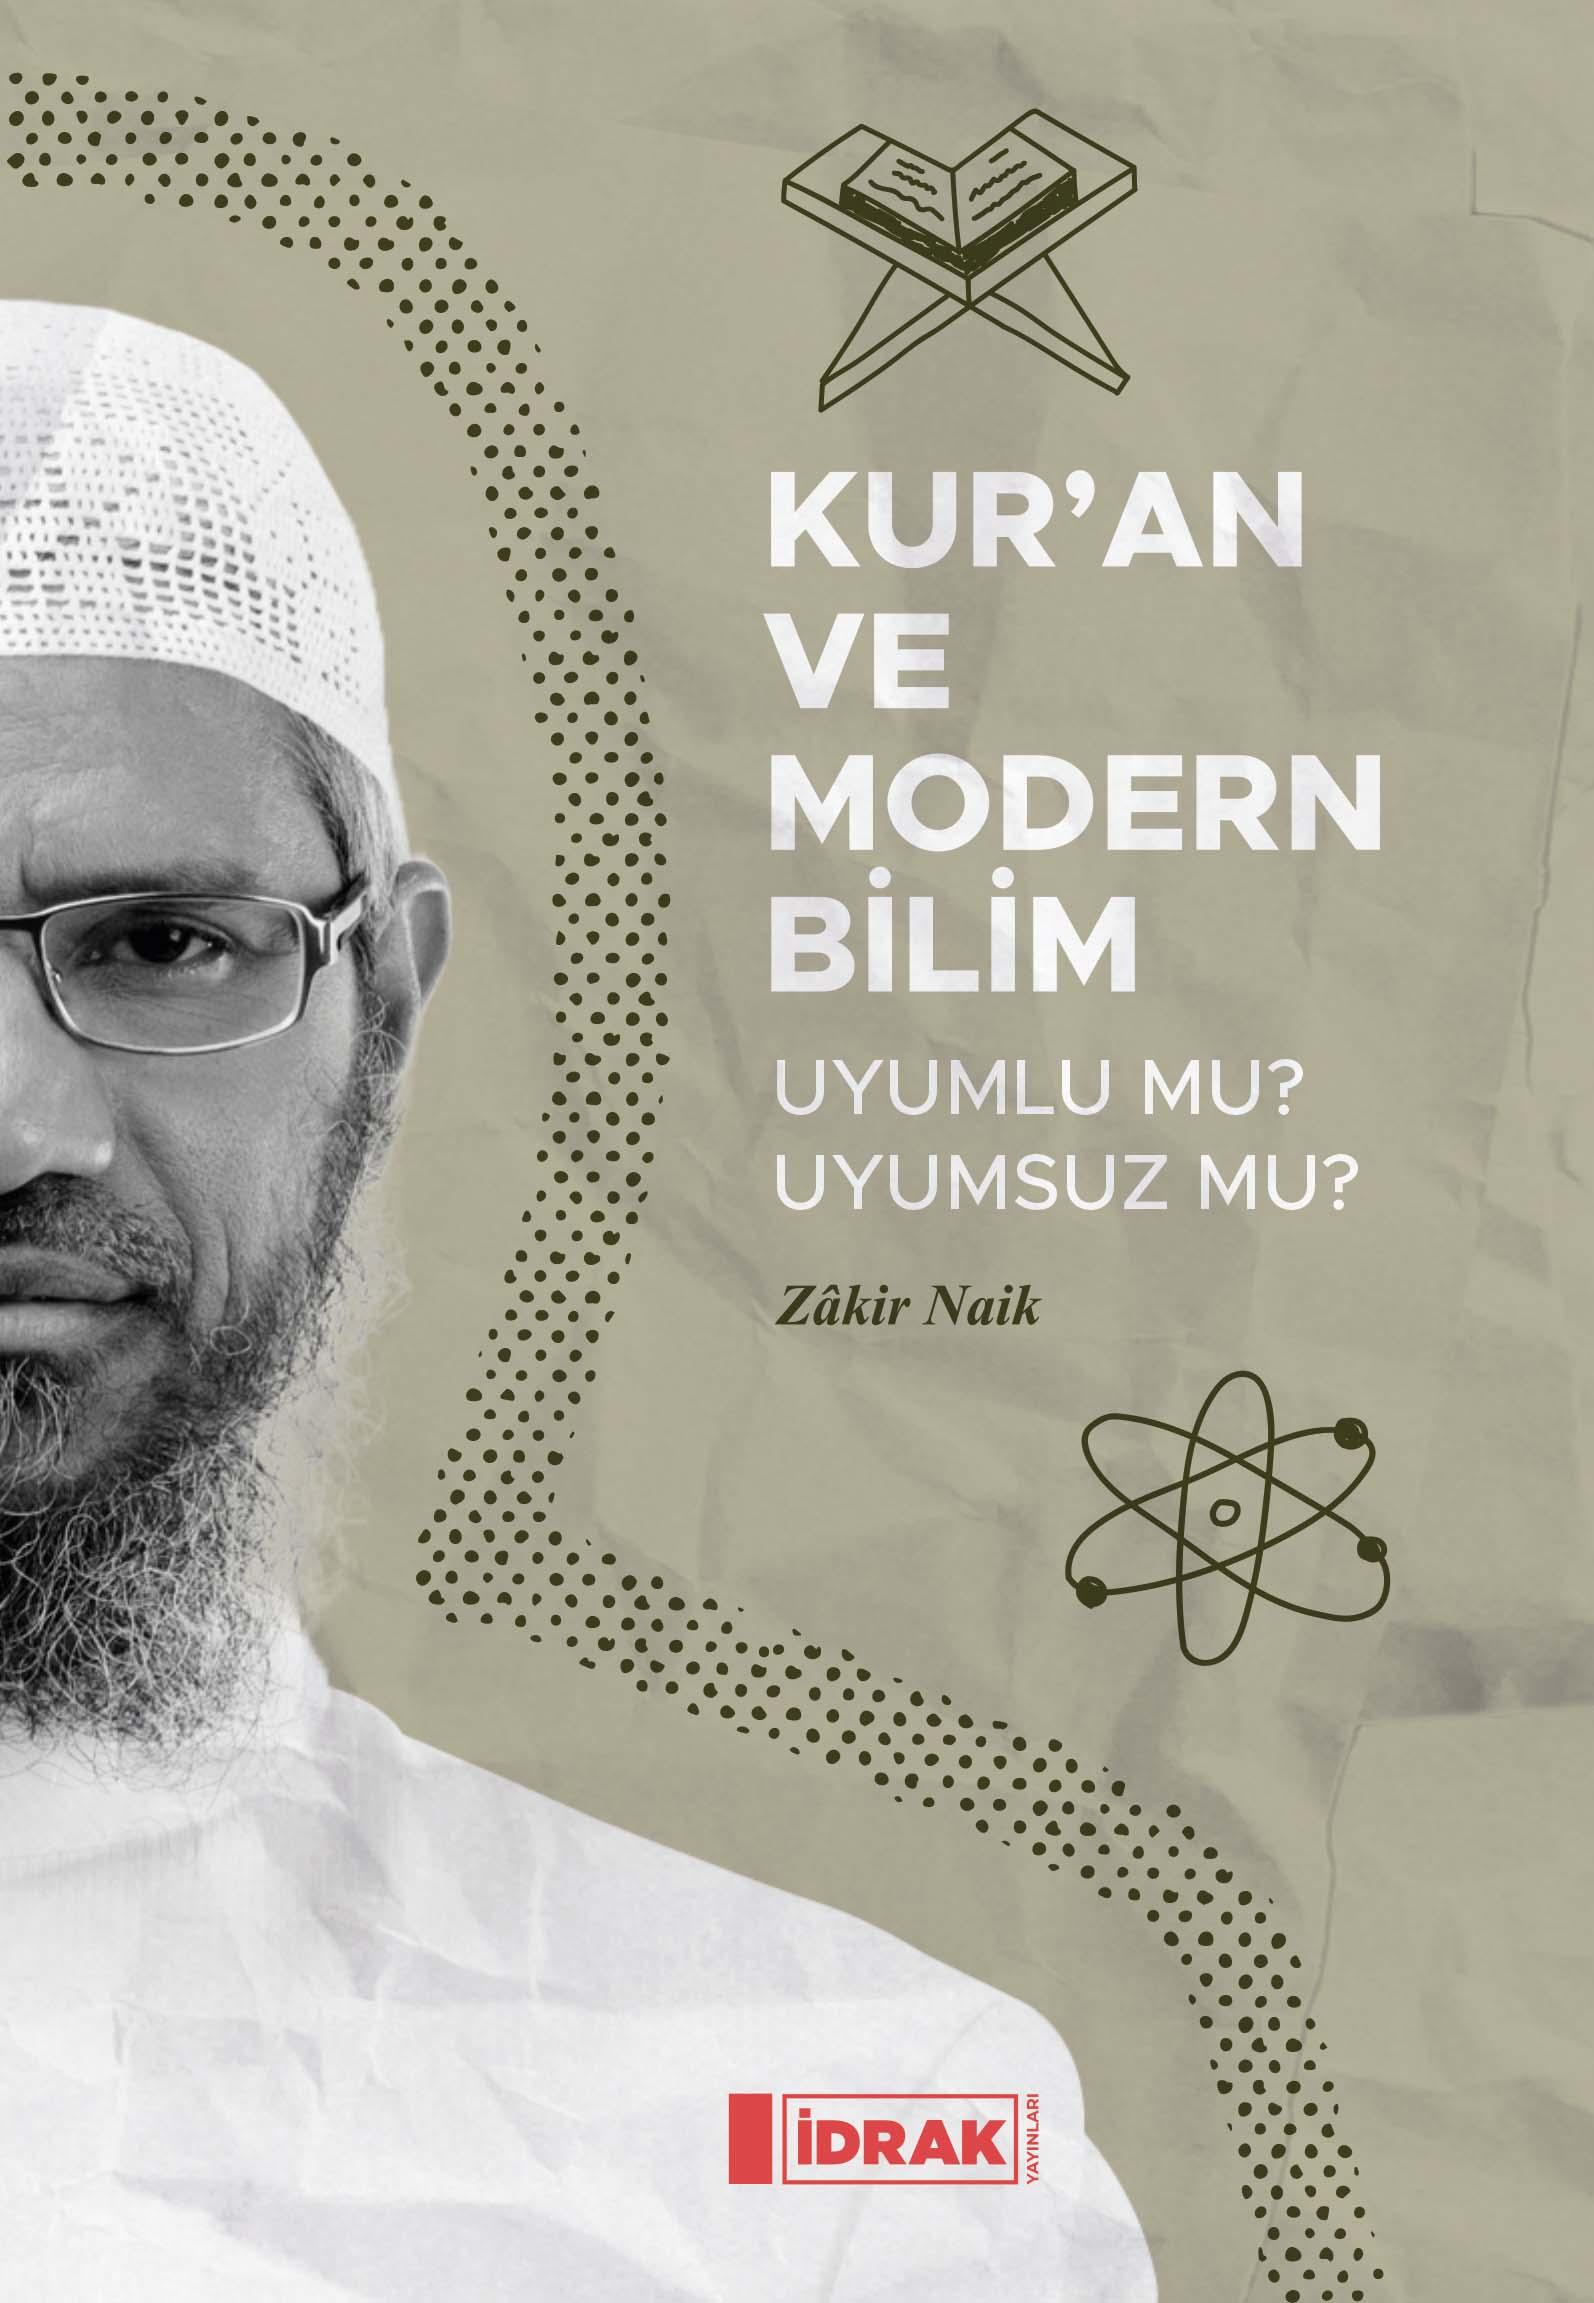 Kur'an ve Modern Bilim Uyumlu mu Uyumsuz mu?